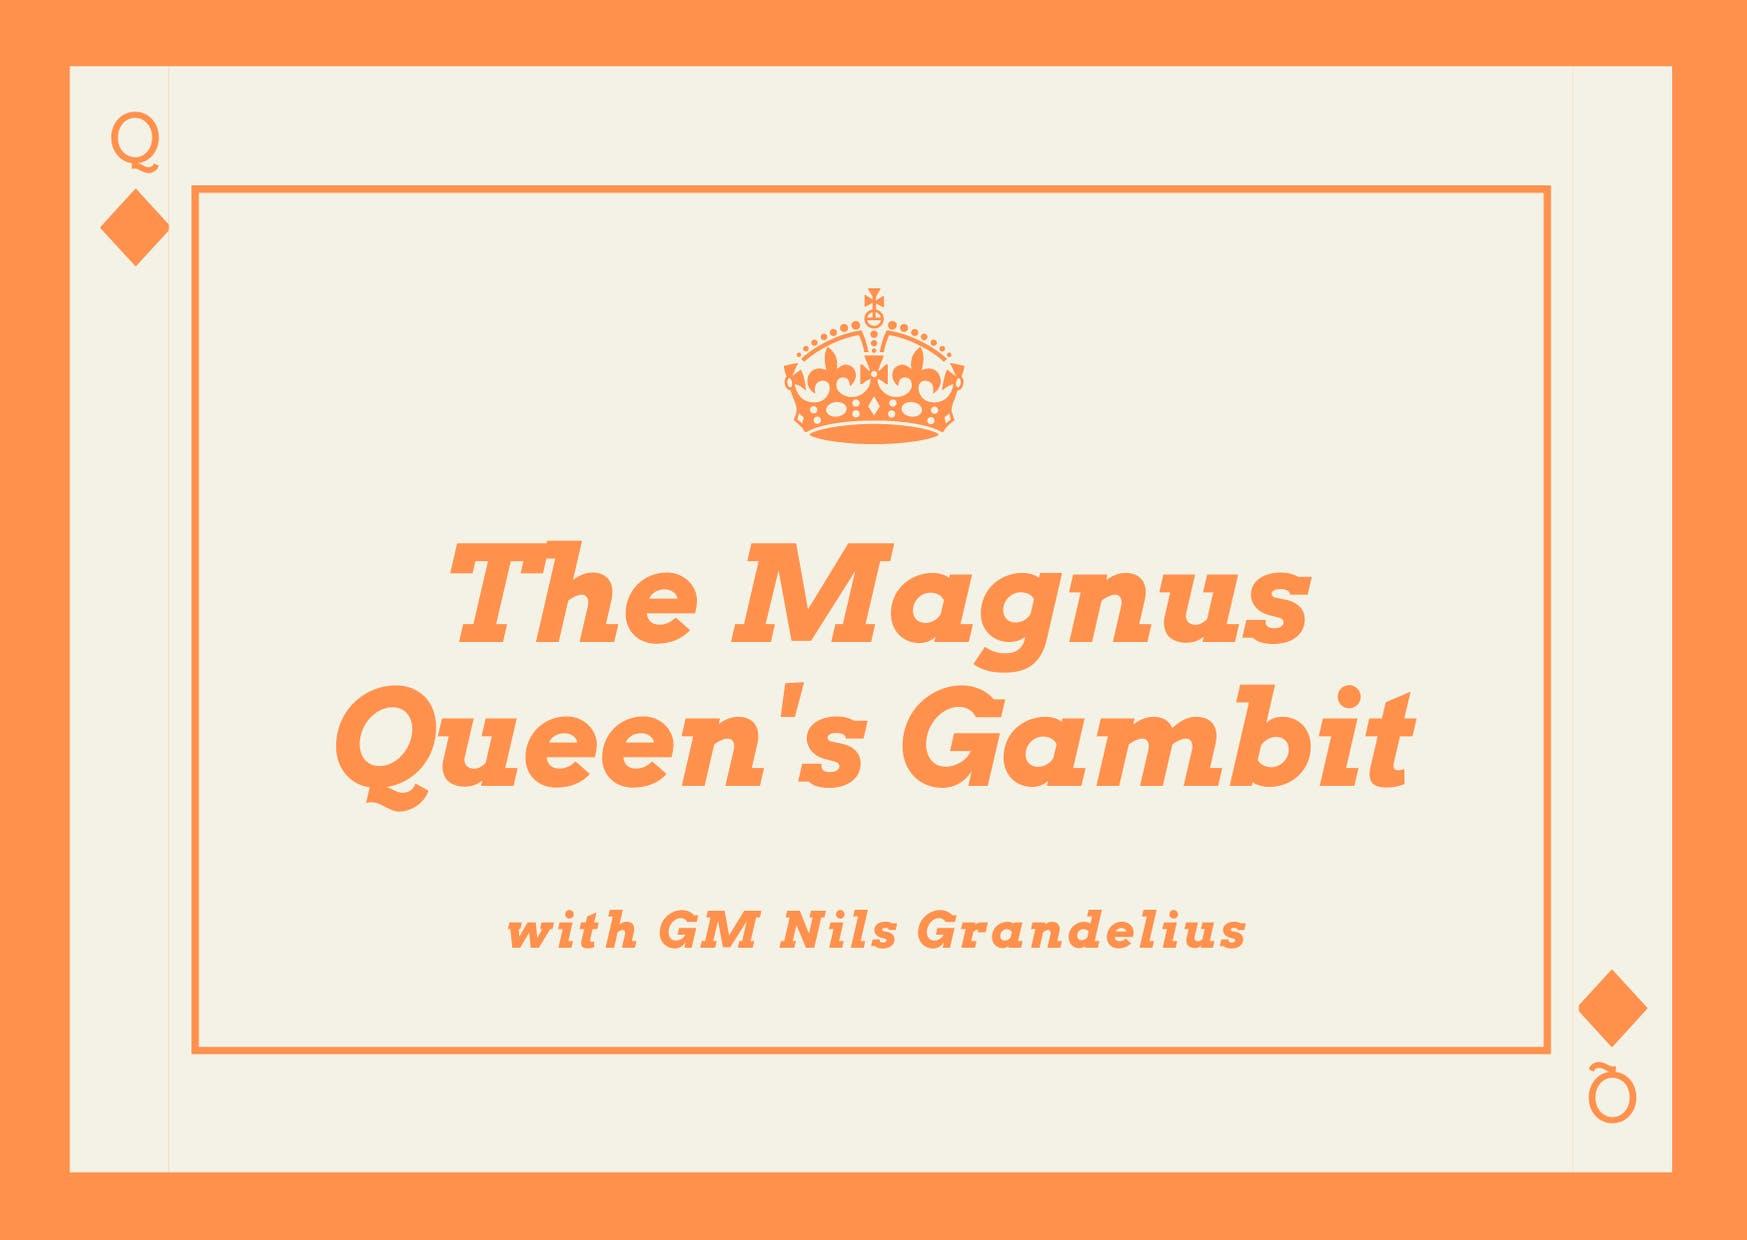 The Magnus Queens Gambit